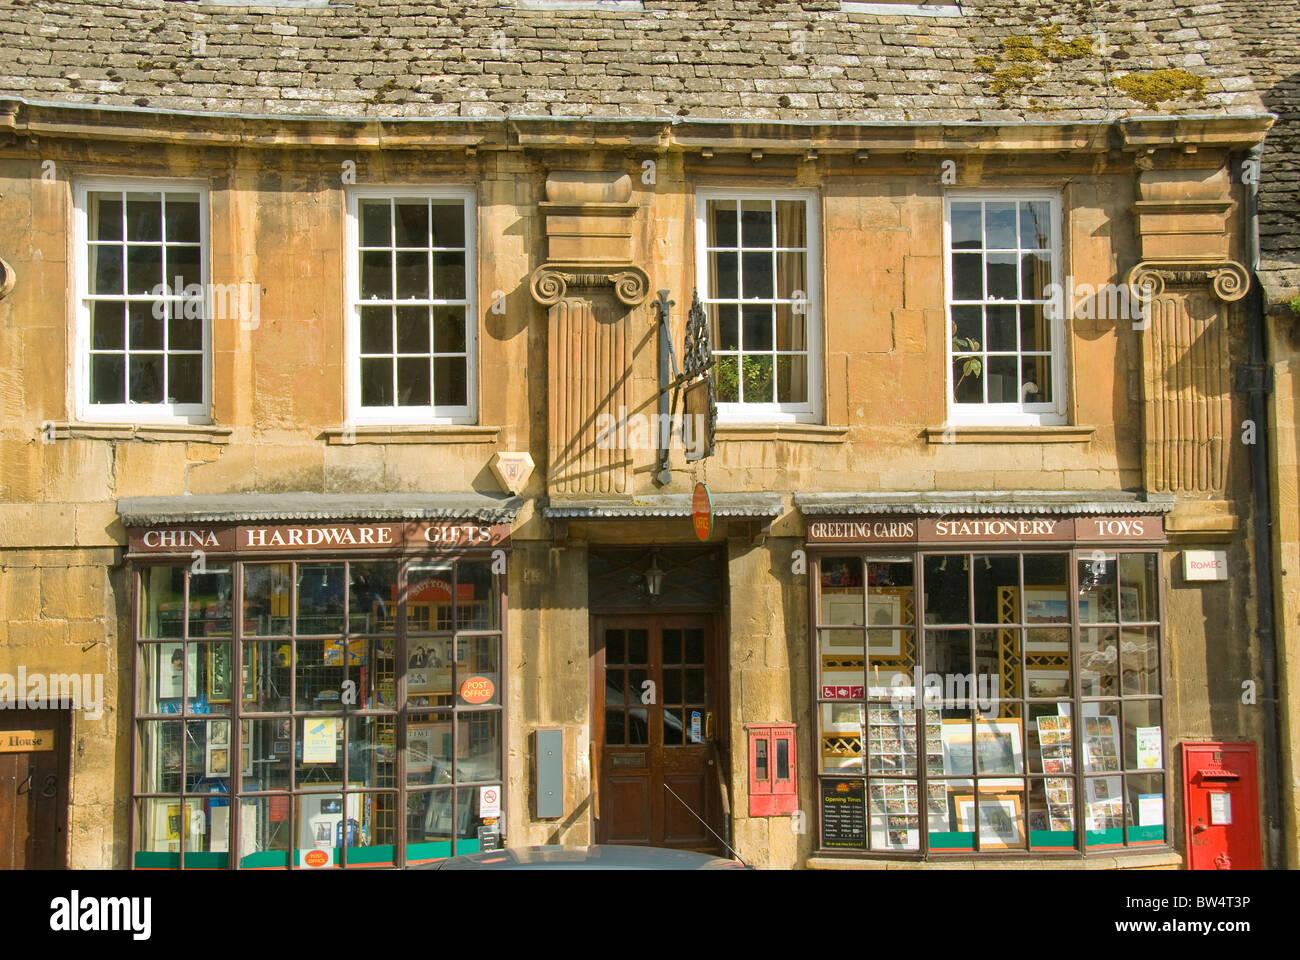 Matériel informatique et papeterie, Chipping Campden, Cotswolds, Gloucestershire, England, UK Photo Stock